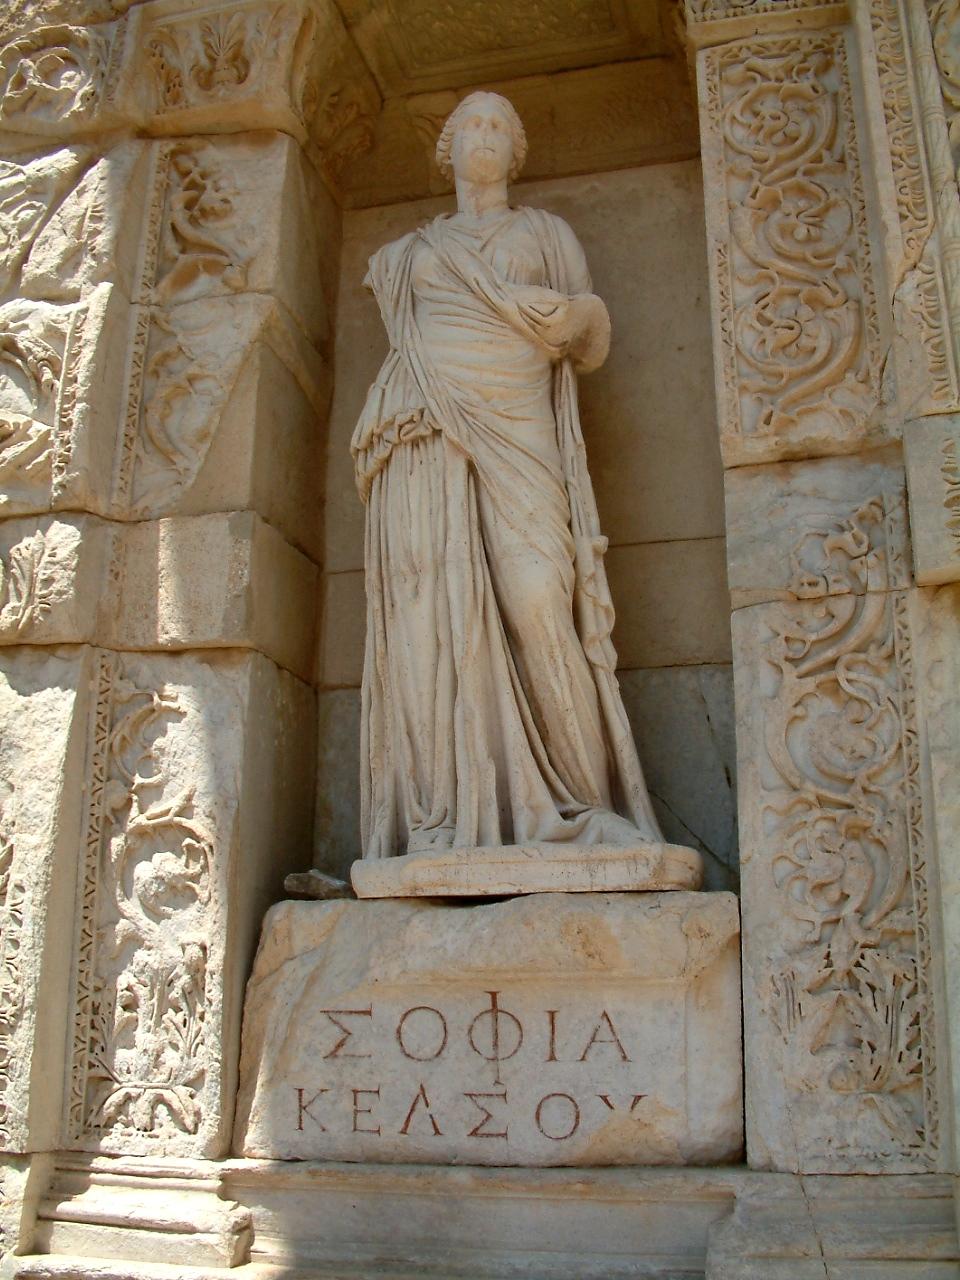 """SOFIA, SOPHIE. Personificación de la sabiduría (en griego, """"Σοφία"""" Sofía""""), en la Biblioteca Celsus en Éfeso, Turquía."""